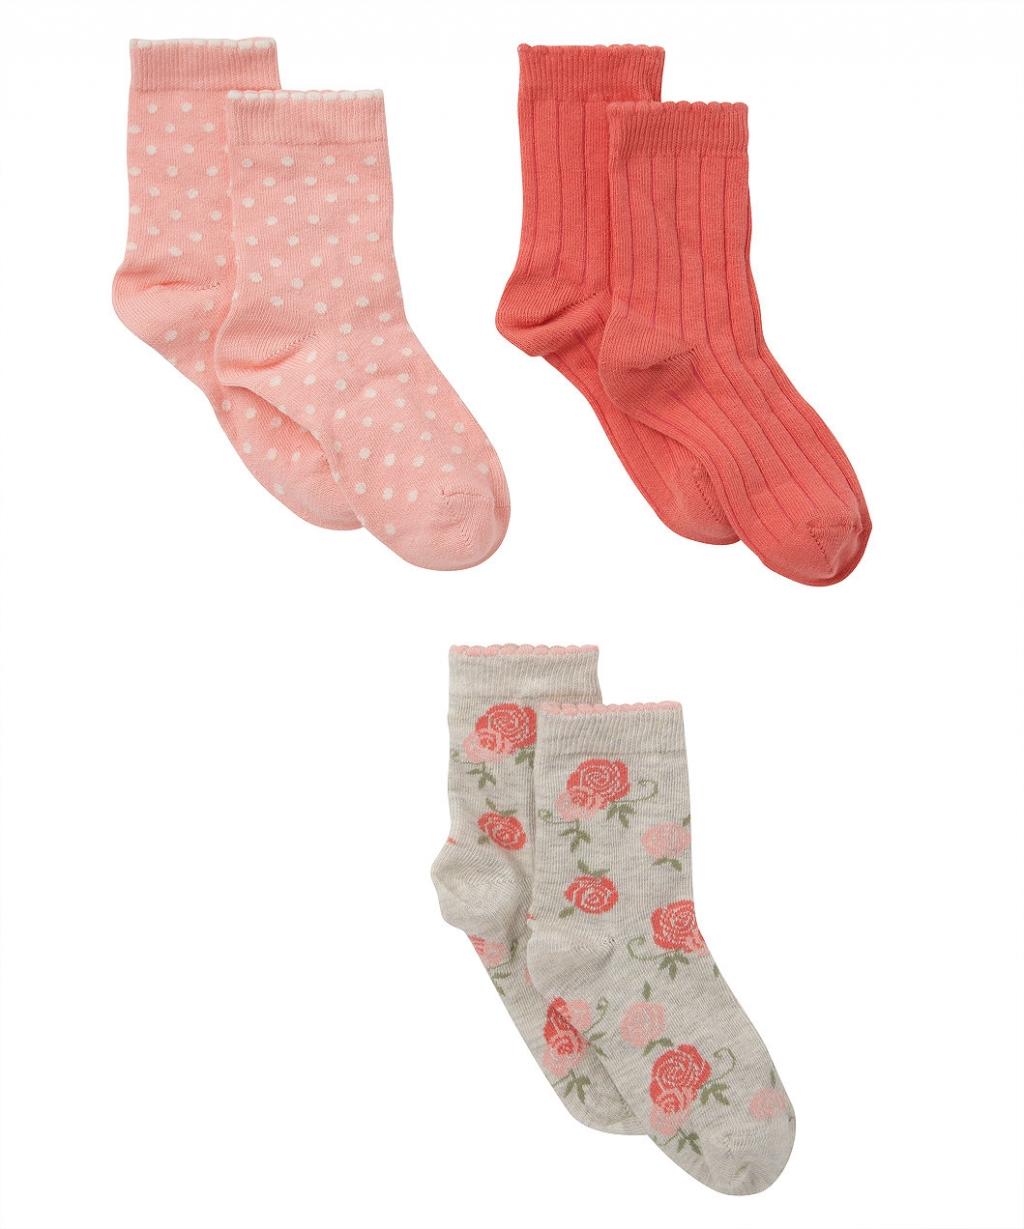 Шкарпетки у квіточку, цяточку та смужку - 3 шт. (Mothercare)